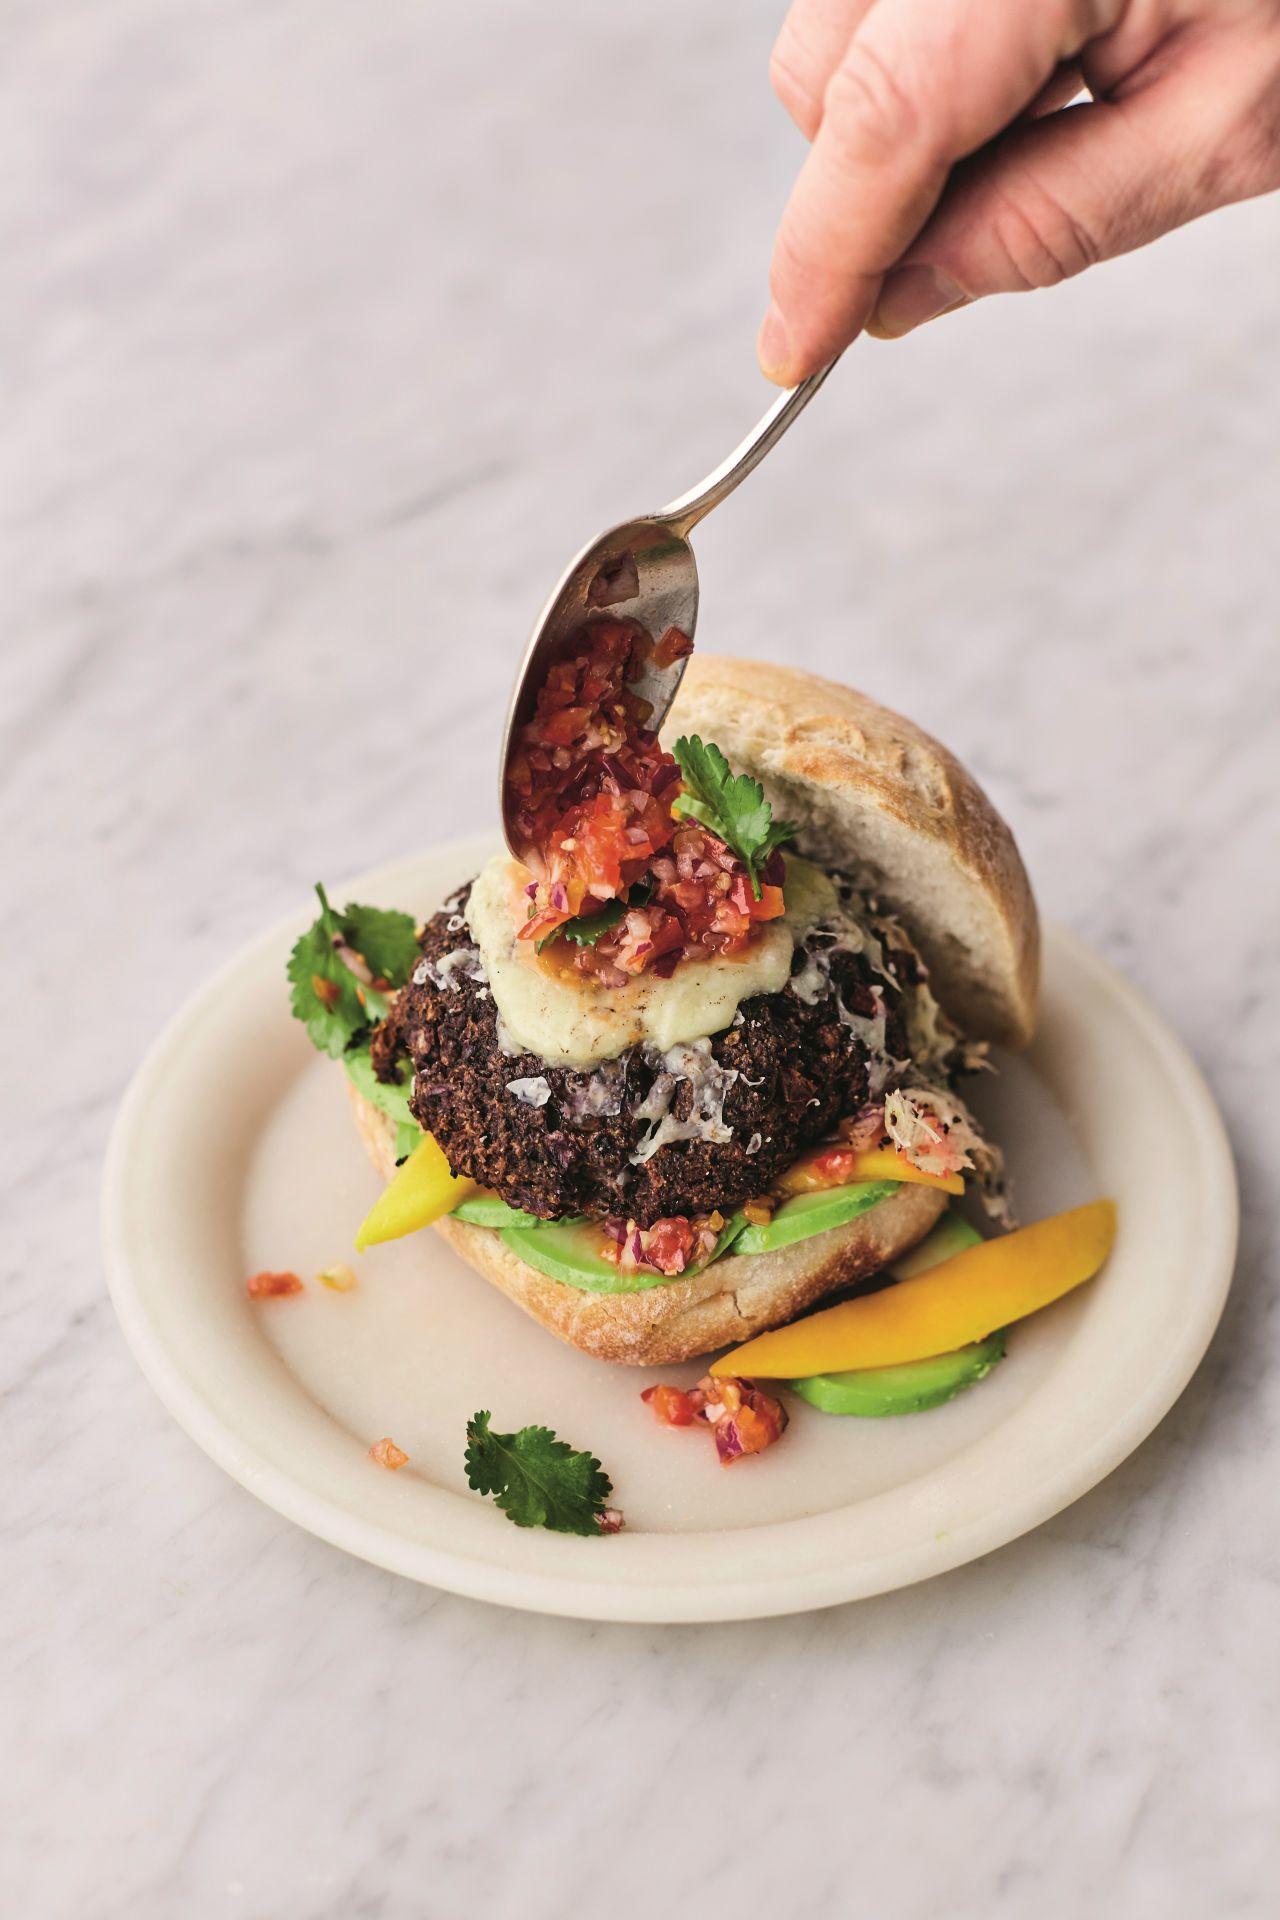 המבורגר עדשים שחורות צלויות של ג'יימי אוליבר